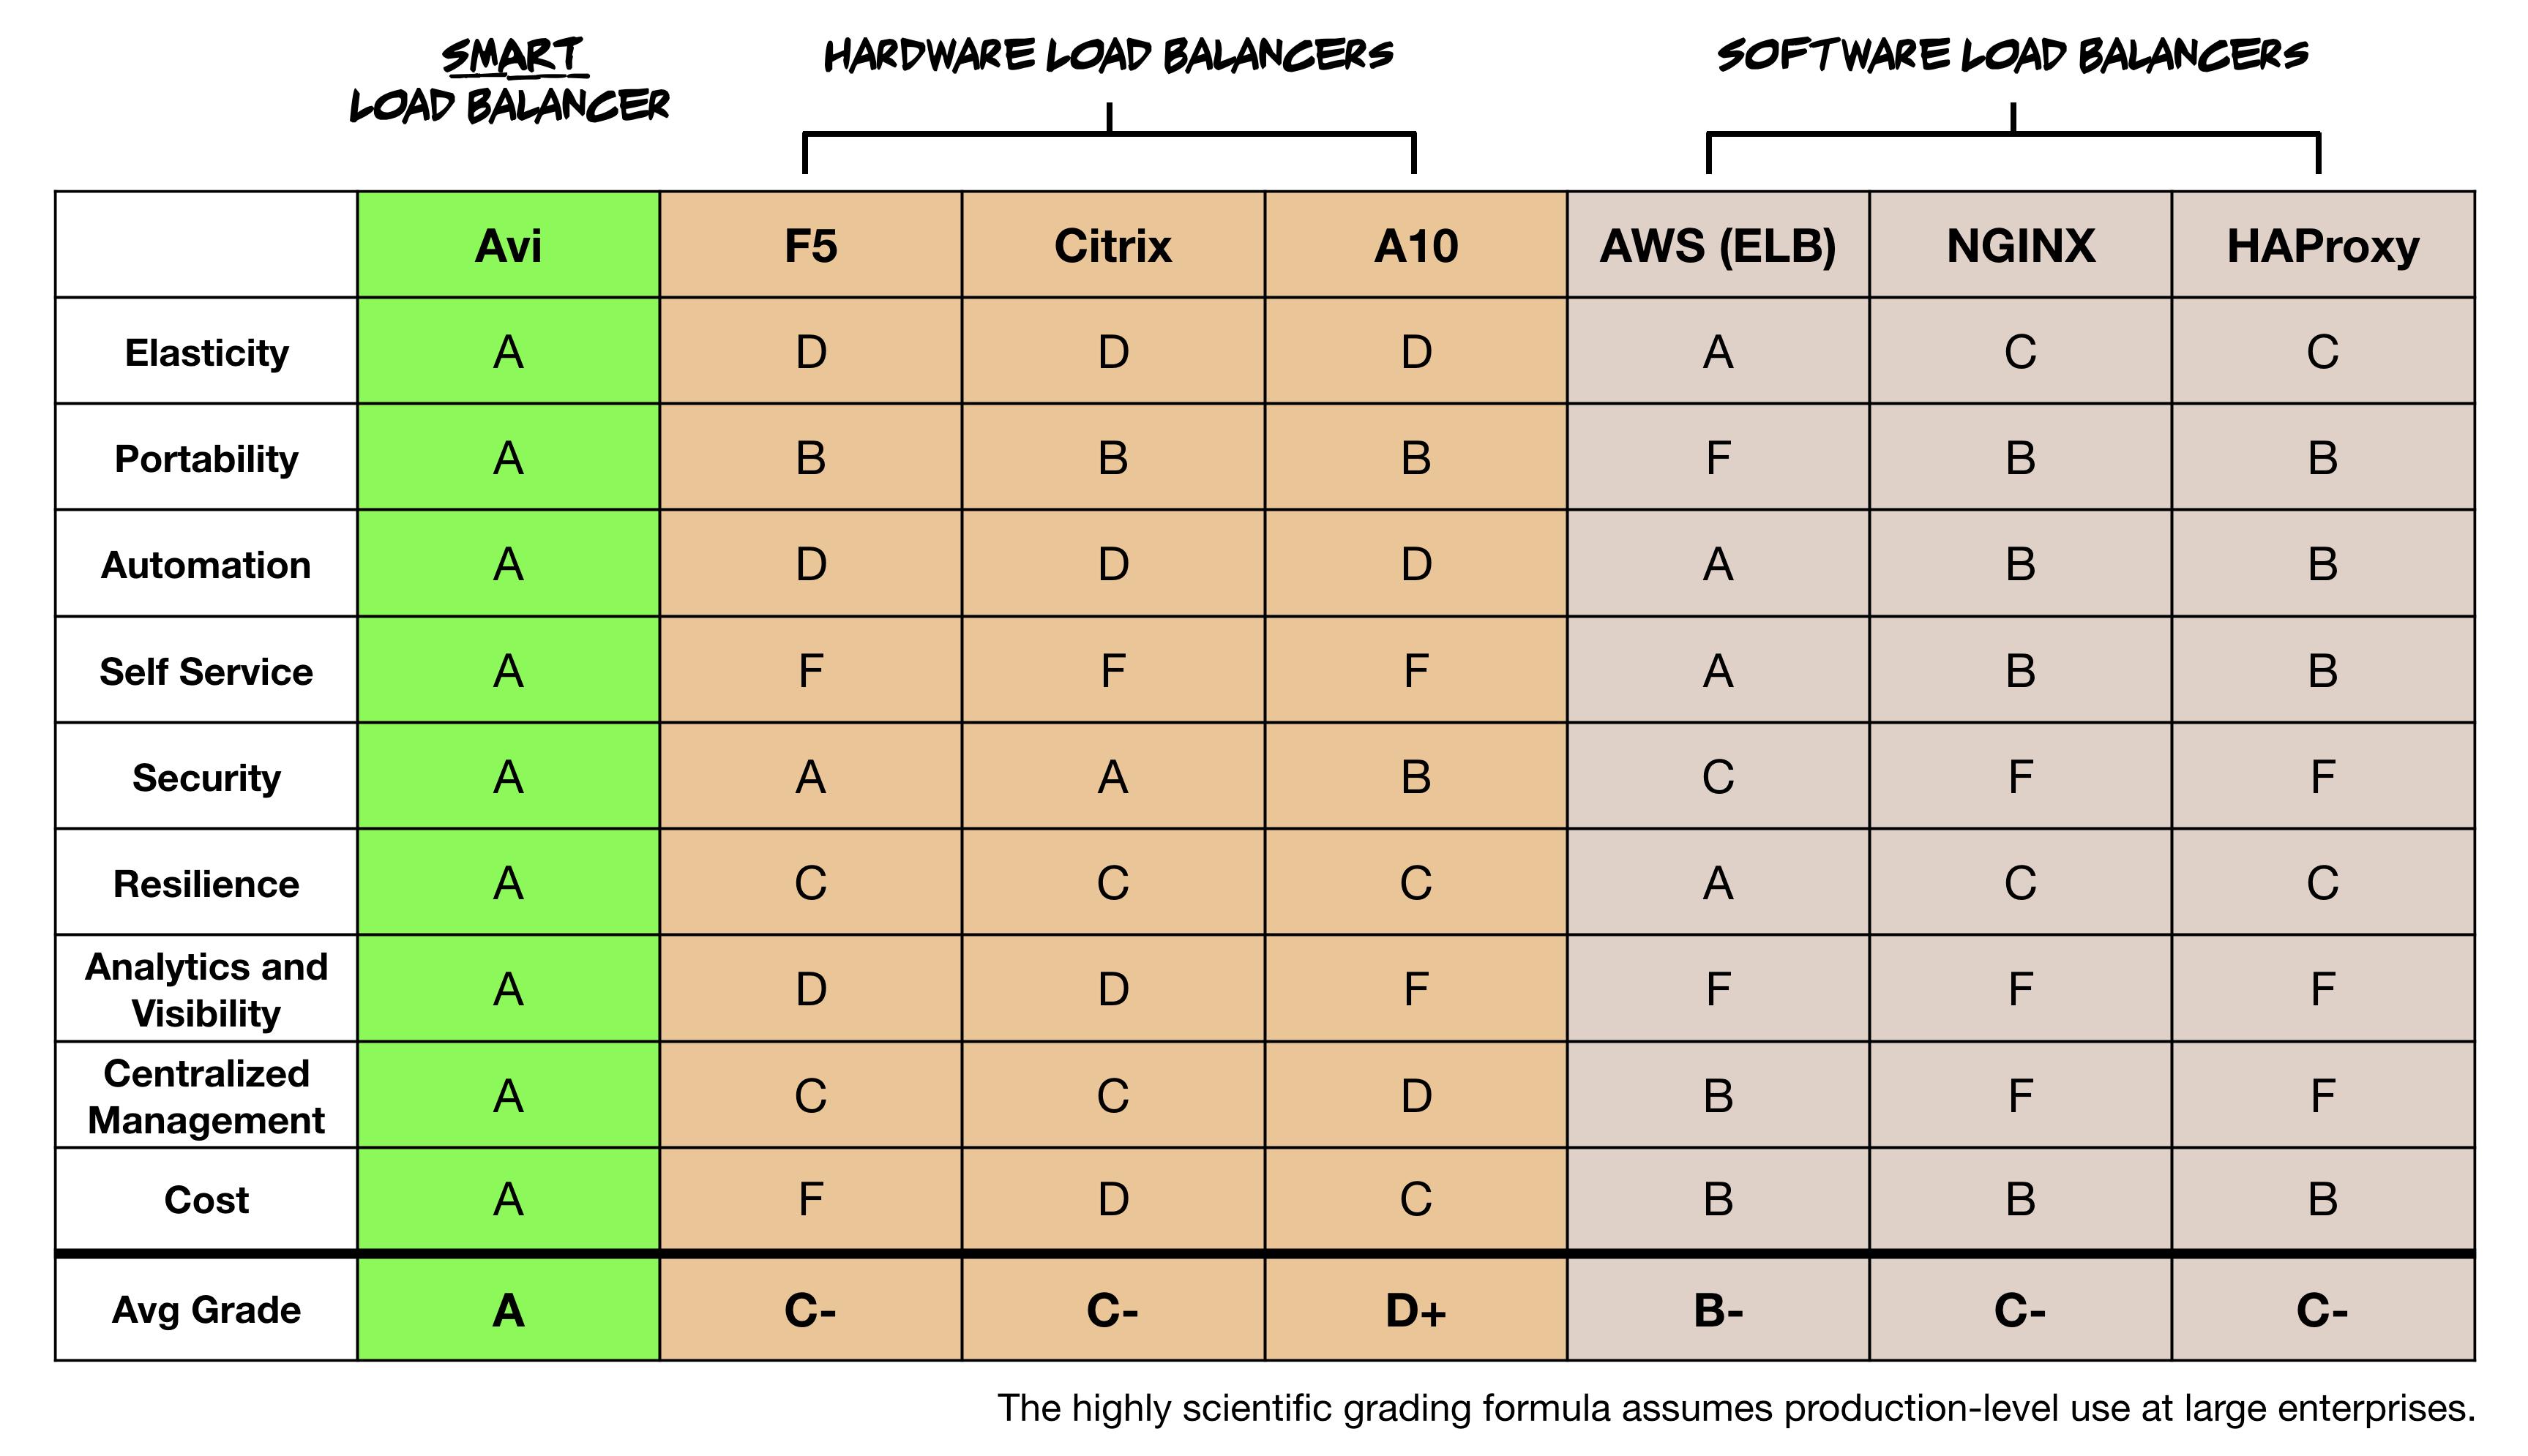 grade-smart-load-balancer.png